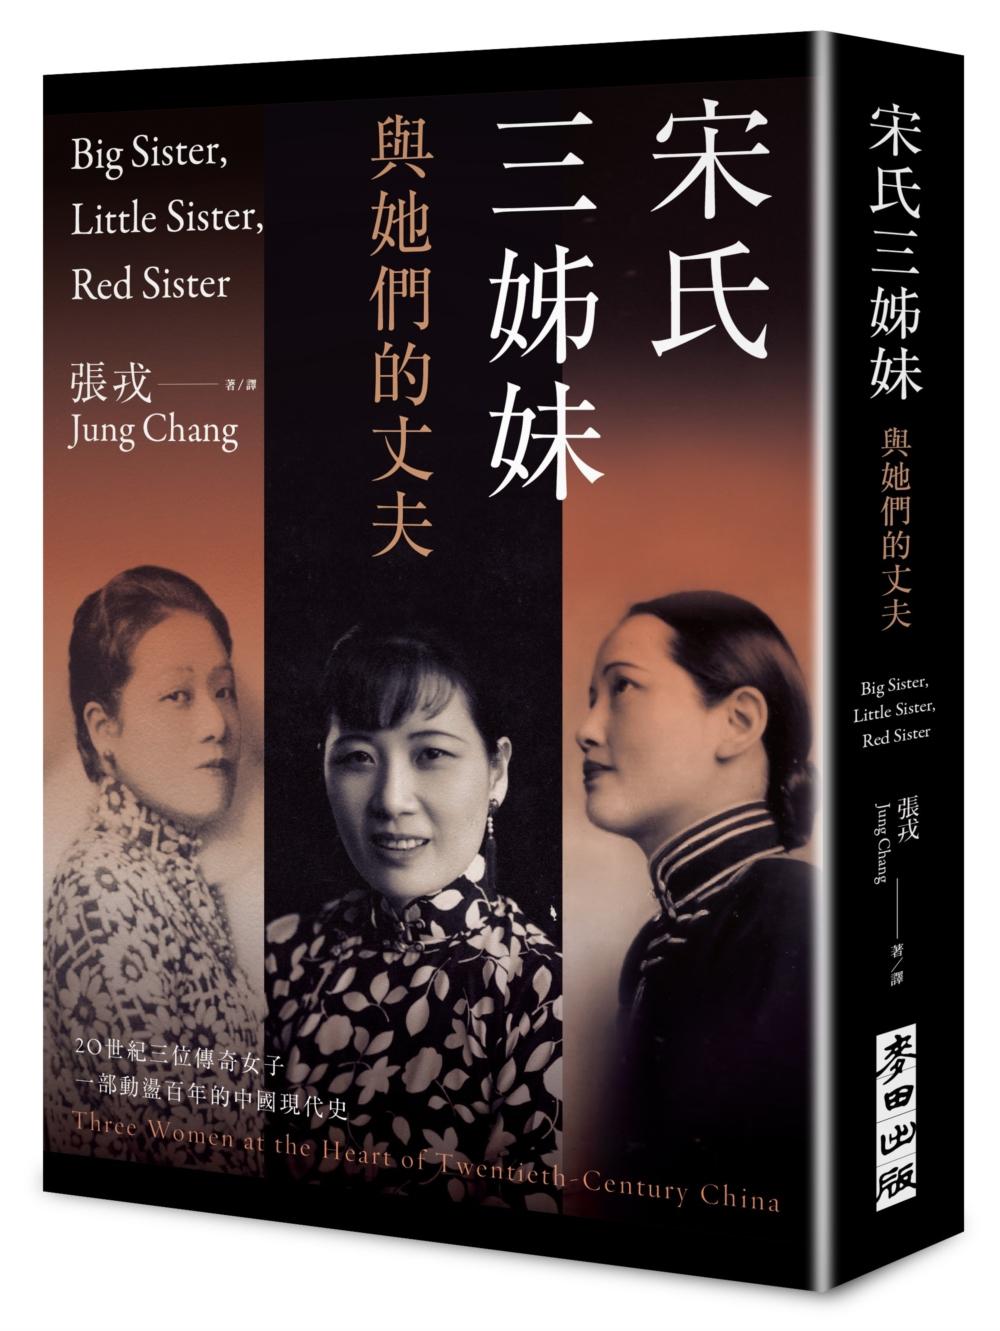 宋氏三姊妹與她們的丈夫:20世紀三位傳奇女子,一部動盪百年的中國現代史(作者親簽扉頁)